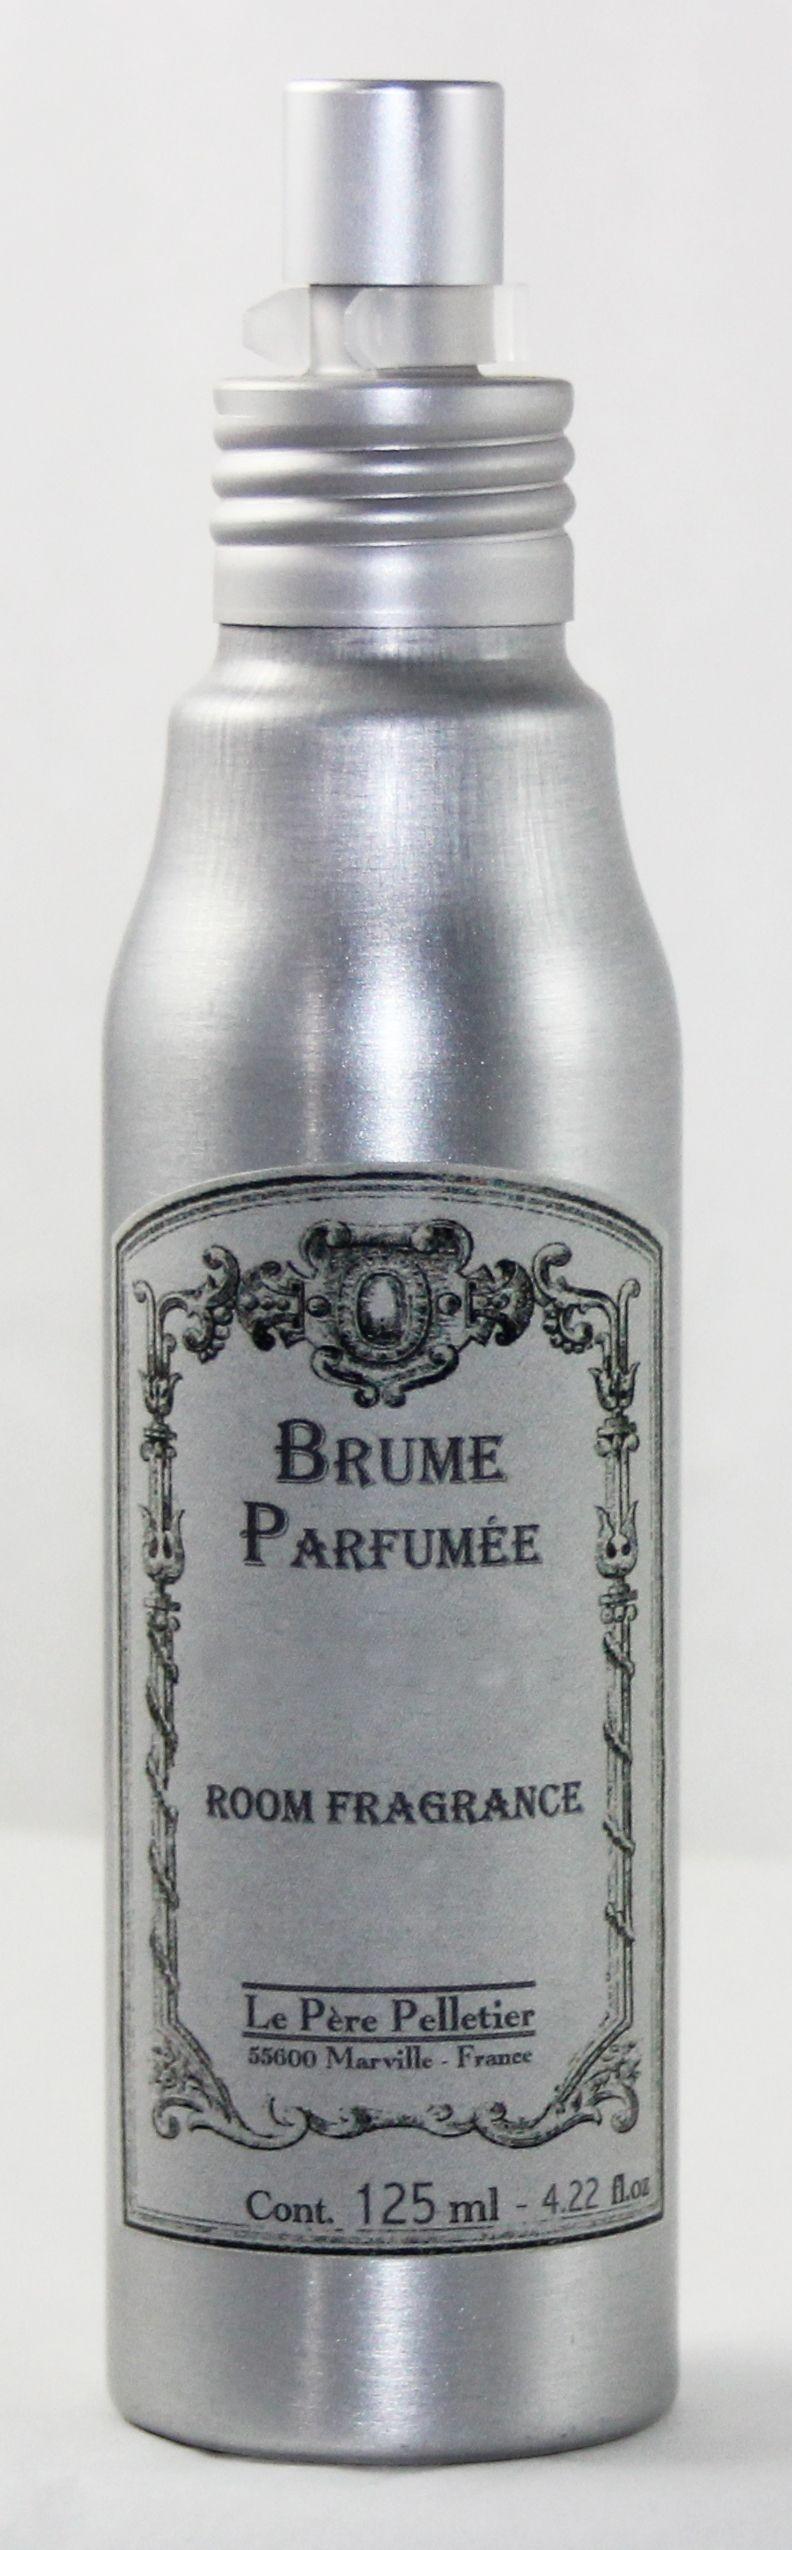 Classique - Brume parfumée 125ml parfum la chimere